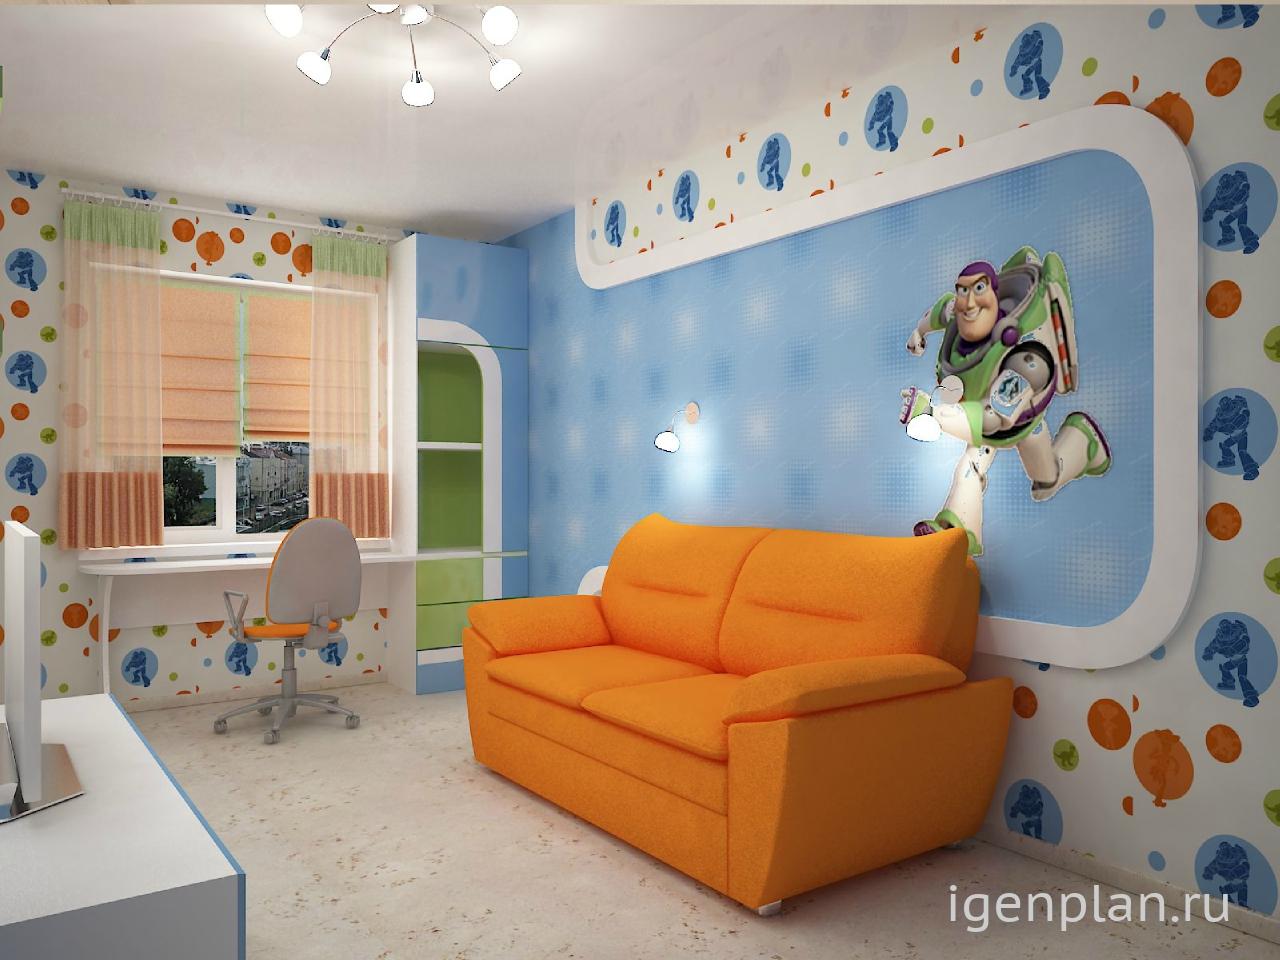 Дизайны детских комнат 10 кв м